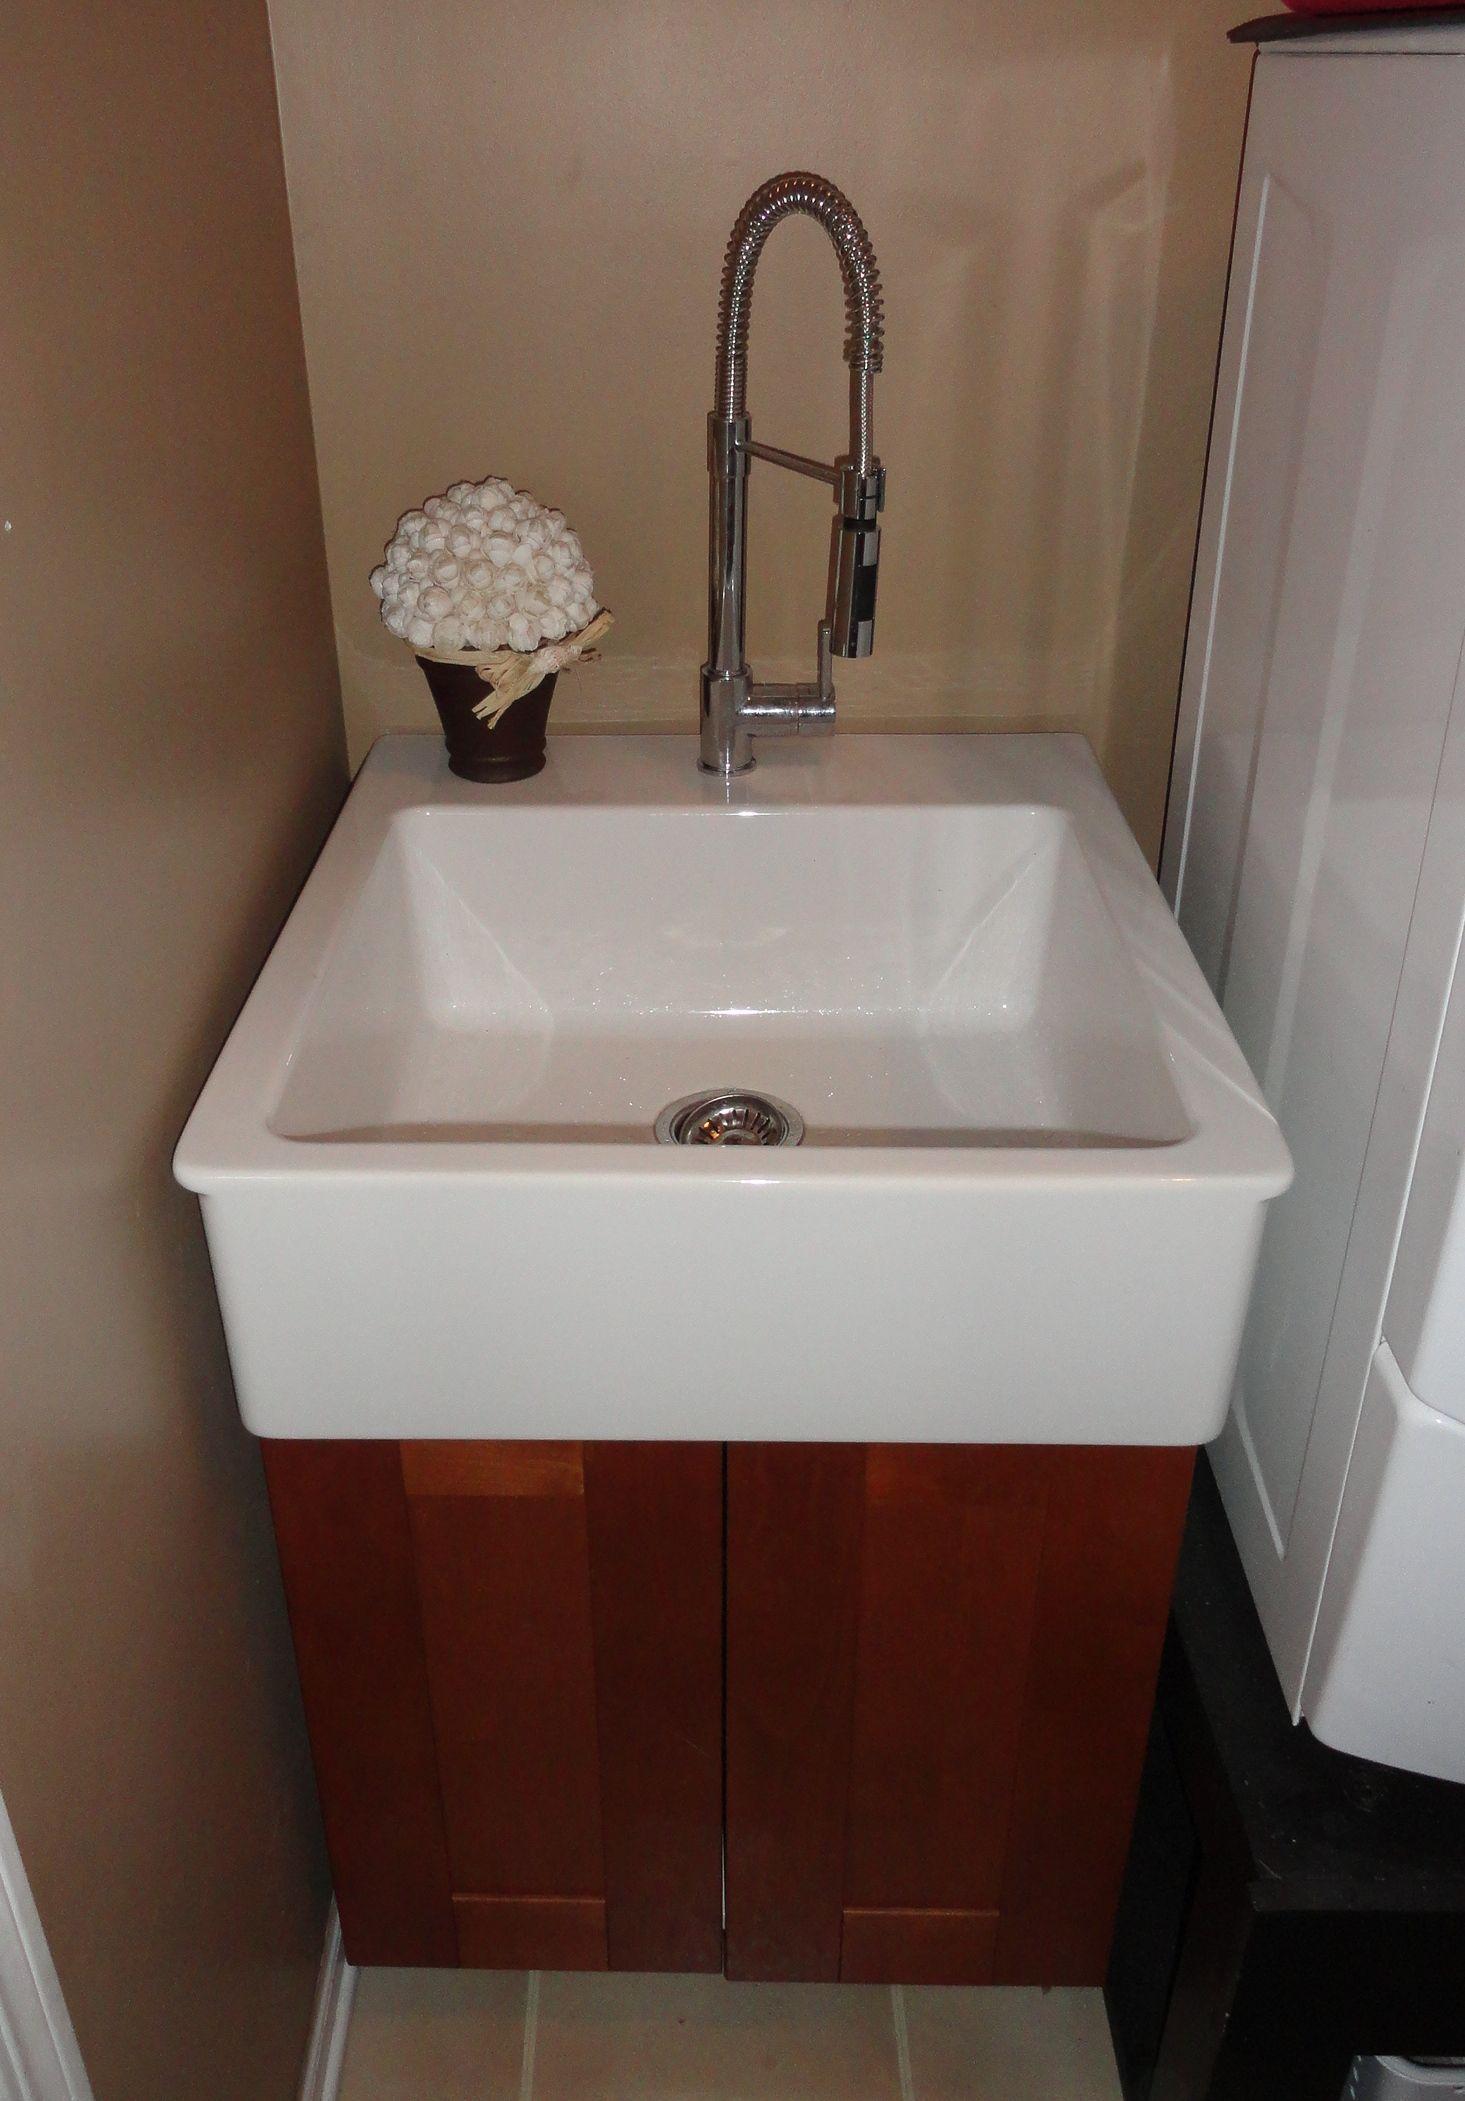 18 utility sinks for the bathroom ideas